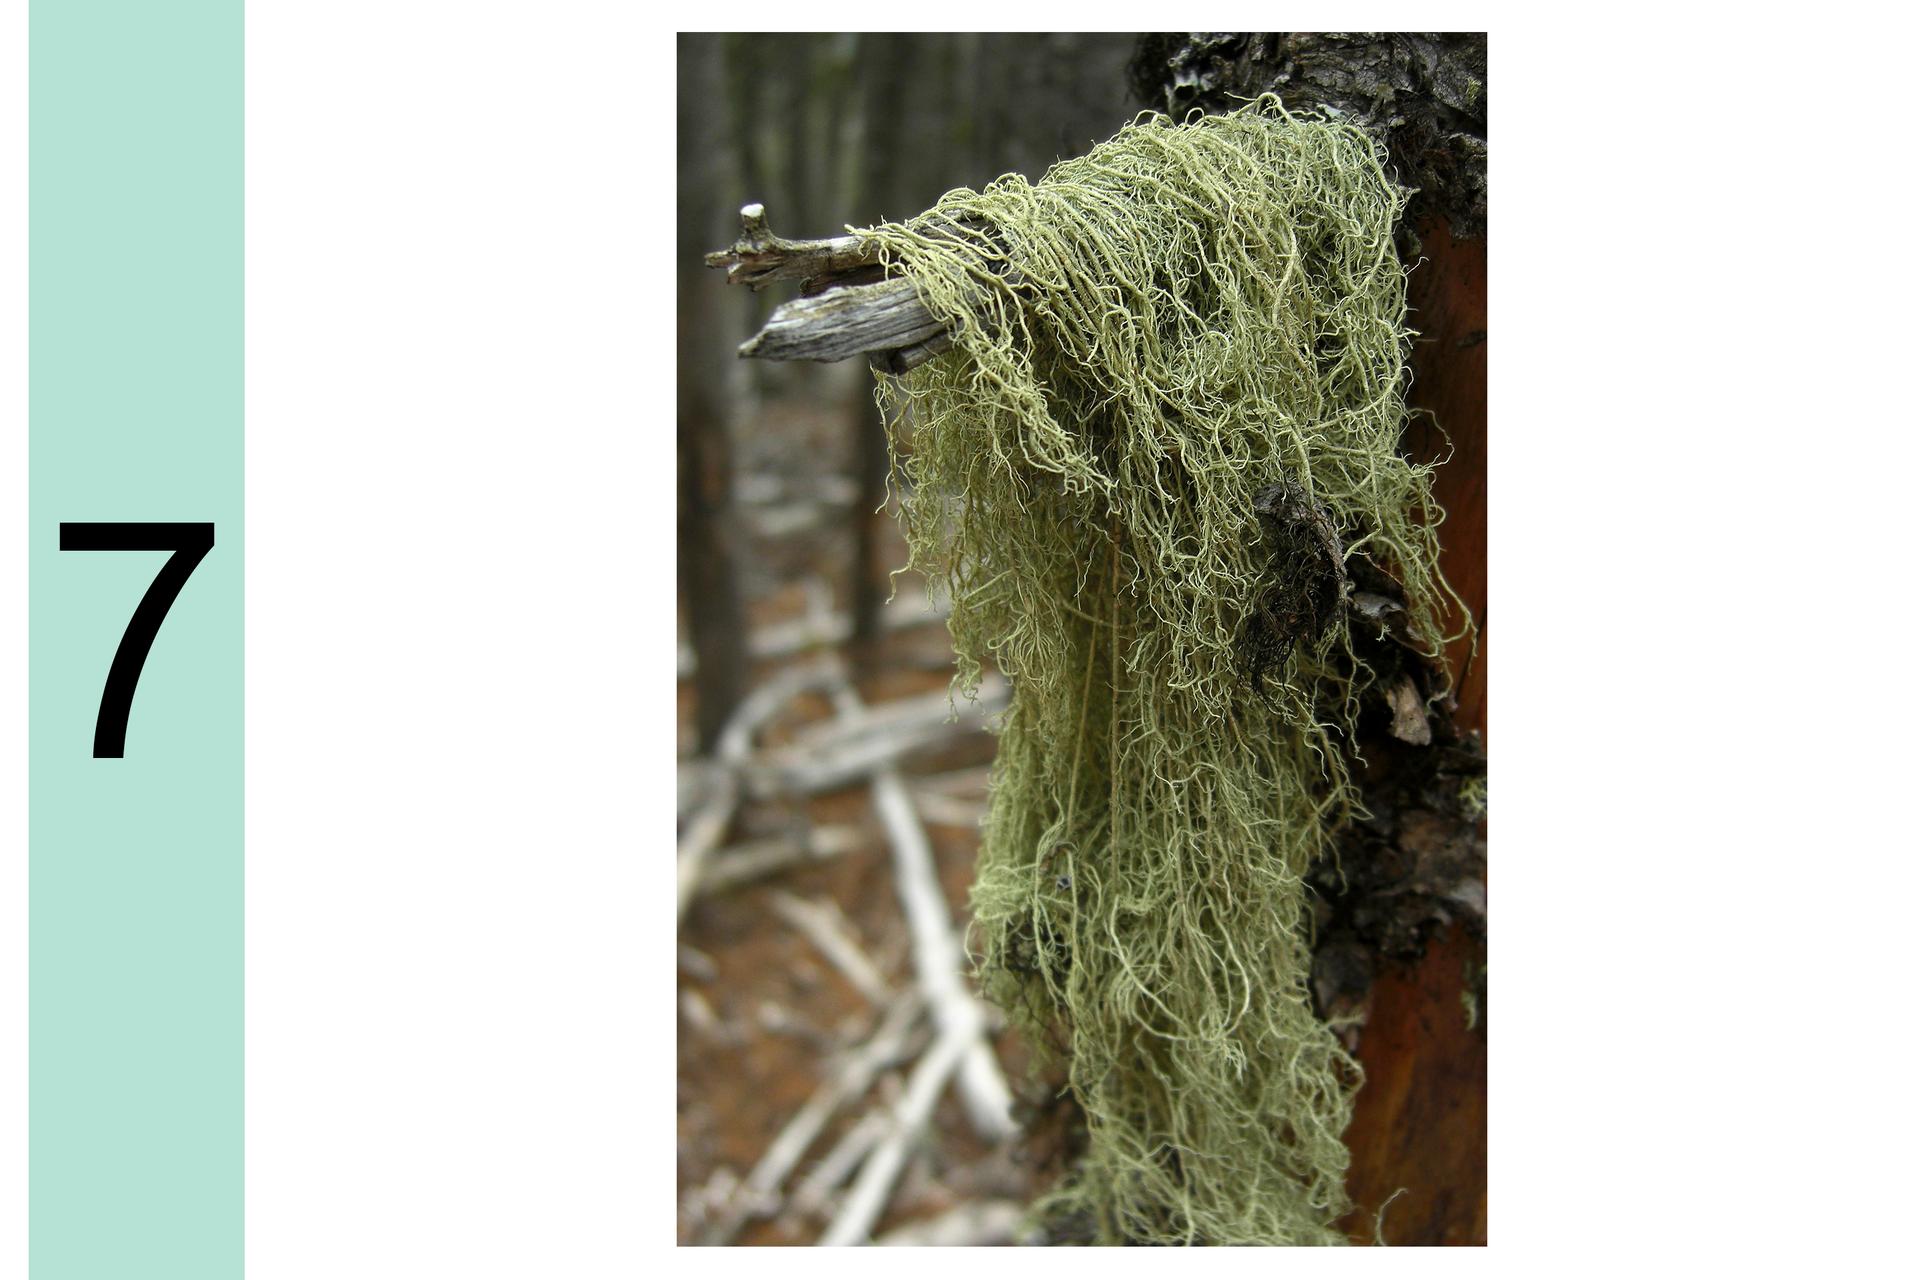 Fotografia przedstawia kępę szaro zielonych, nitkowatych porostów, zwisających zgałęzi przy pniu. Po lewej cyfra 7. Oznacza to, że powietrze jest czyste.